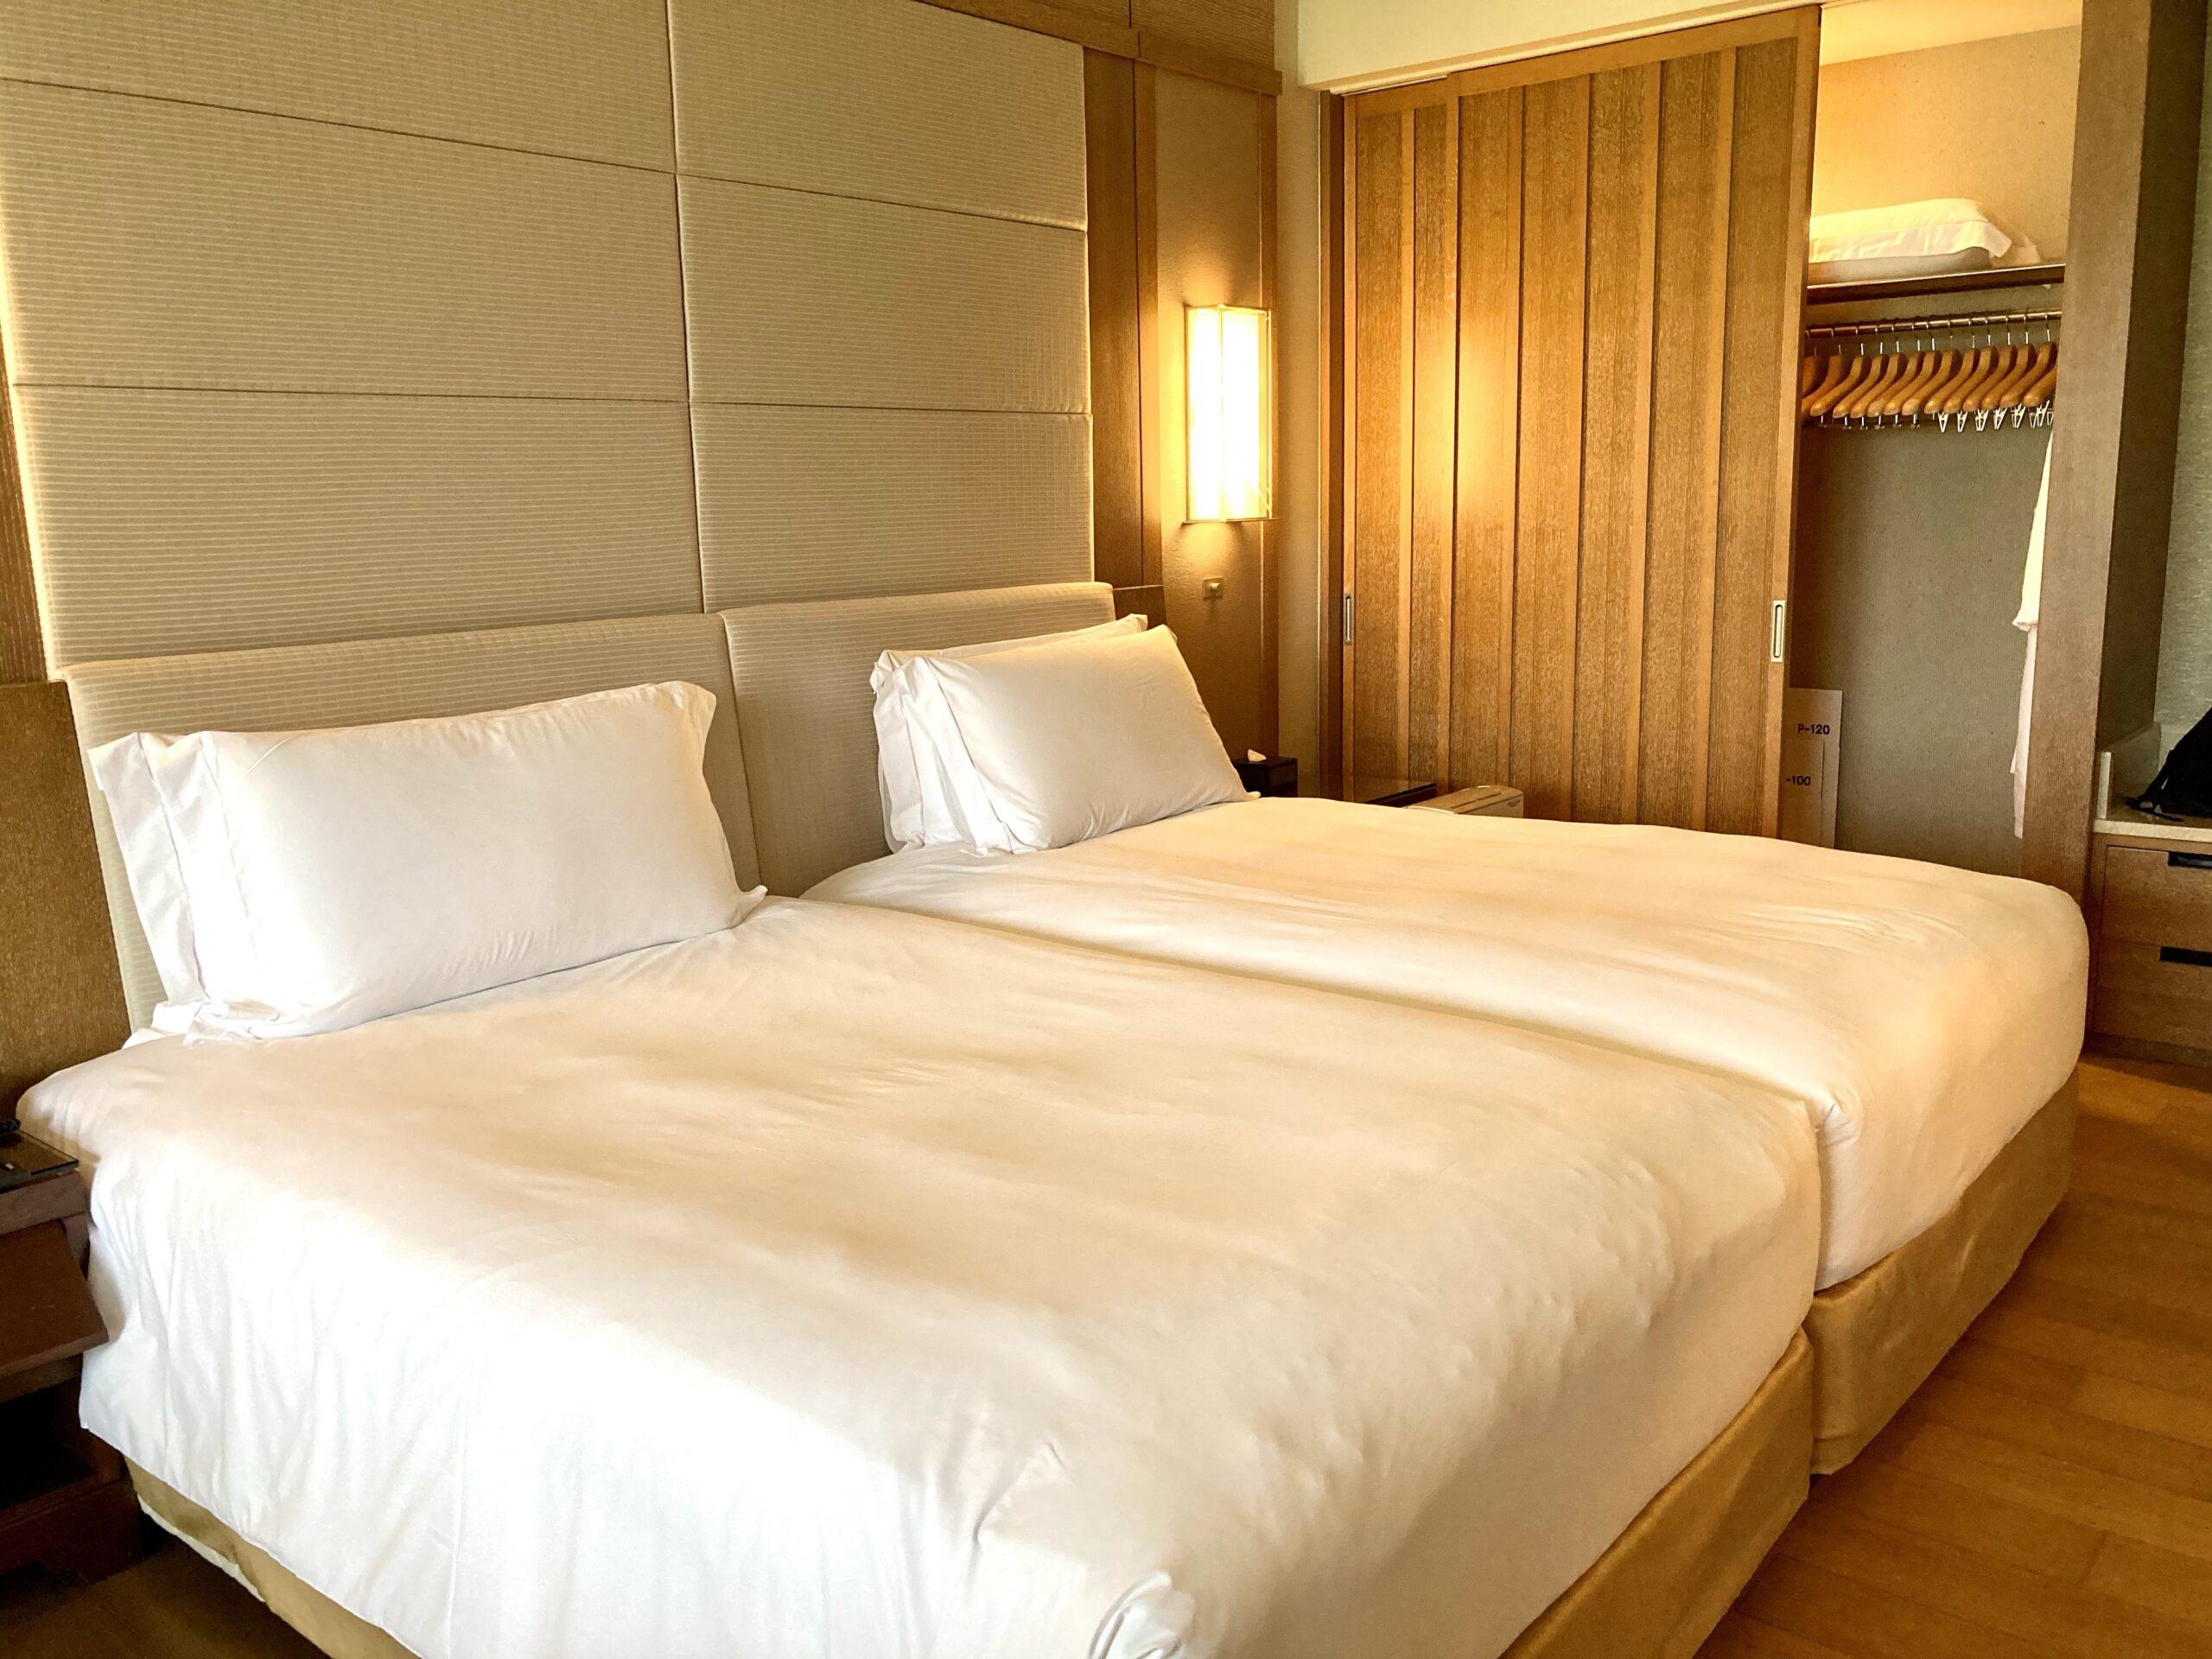 「ザリッツカールトン沖縄」ベッドルームの写真